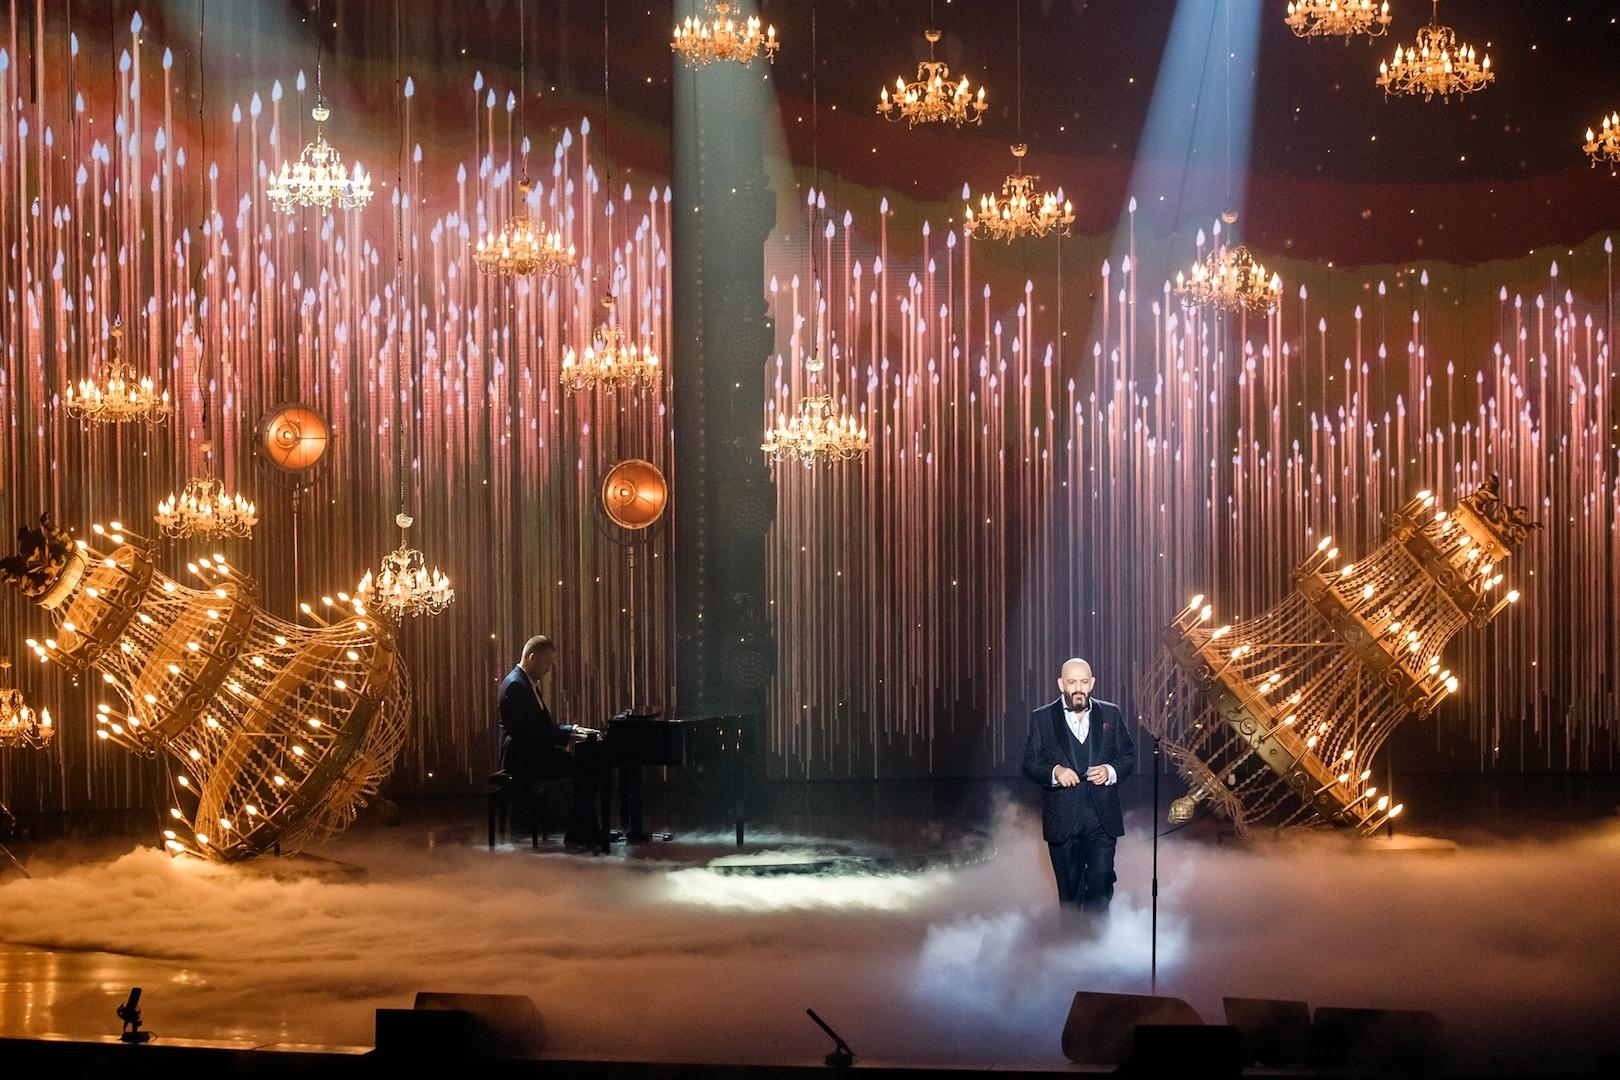 Михаил Шуфутинский, исполнитель бессмертных хитов «Третье сентября», «Пальма де Майорка» и «Левый берег Дона», приедет на гастроли в Германию в октябре 2020 года